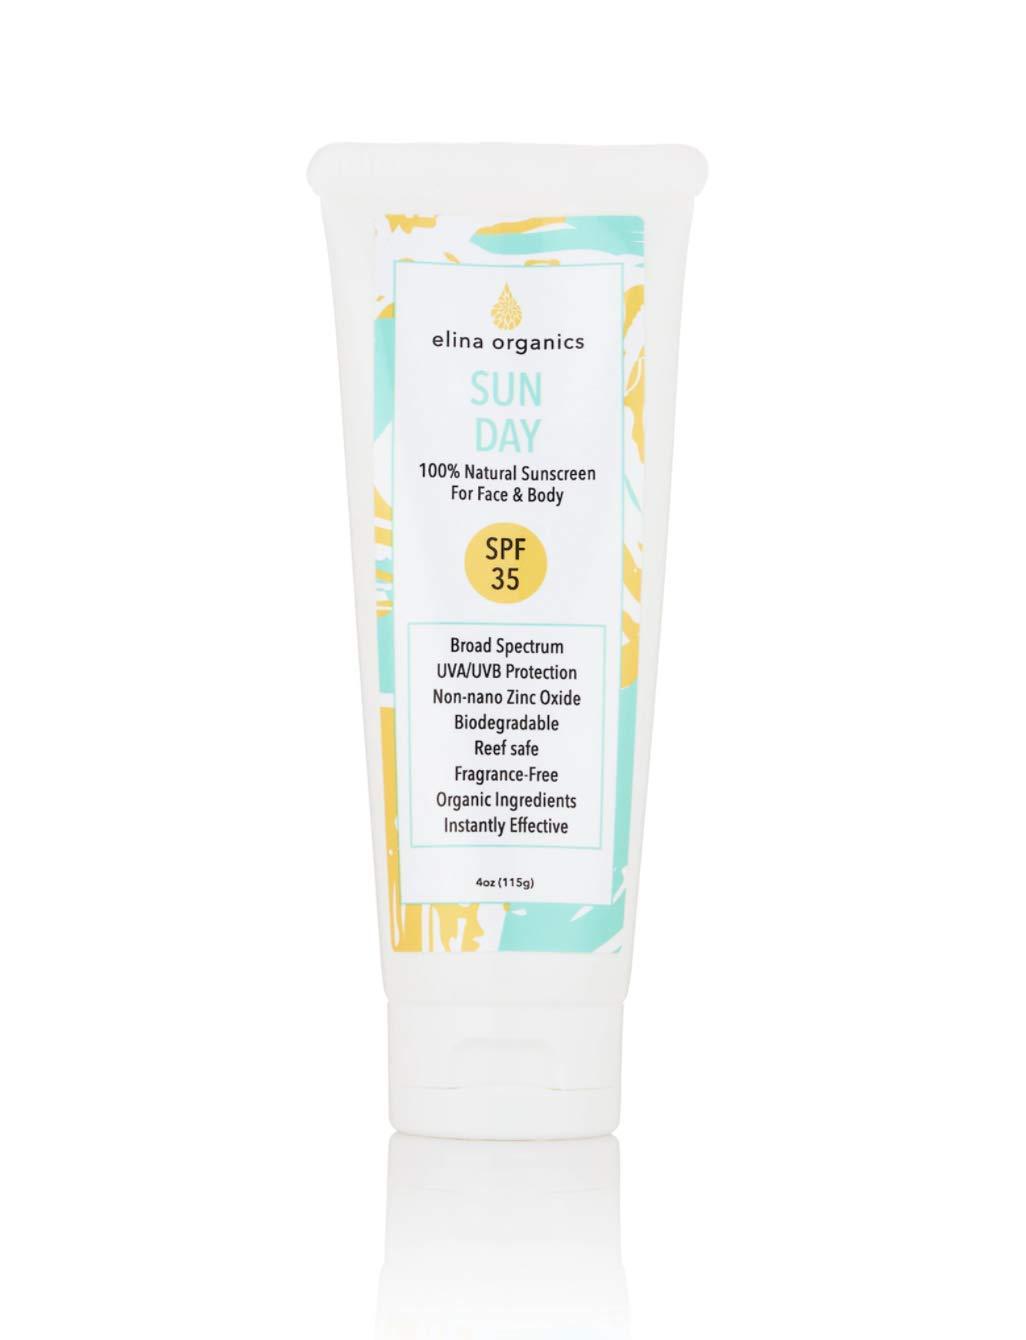 Sun Day Sunscreen Atlanta Mall 4oz UVA UVB 25% Non-nano Protection Ox Zinc Max 48% OFF